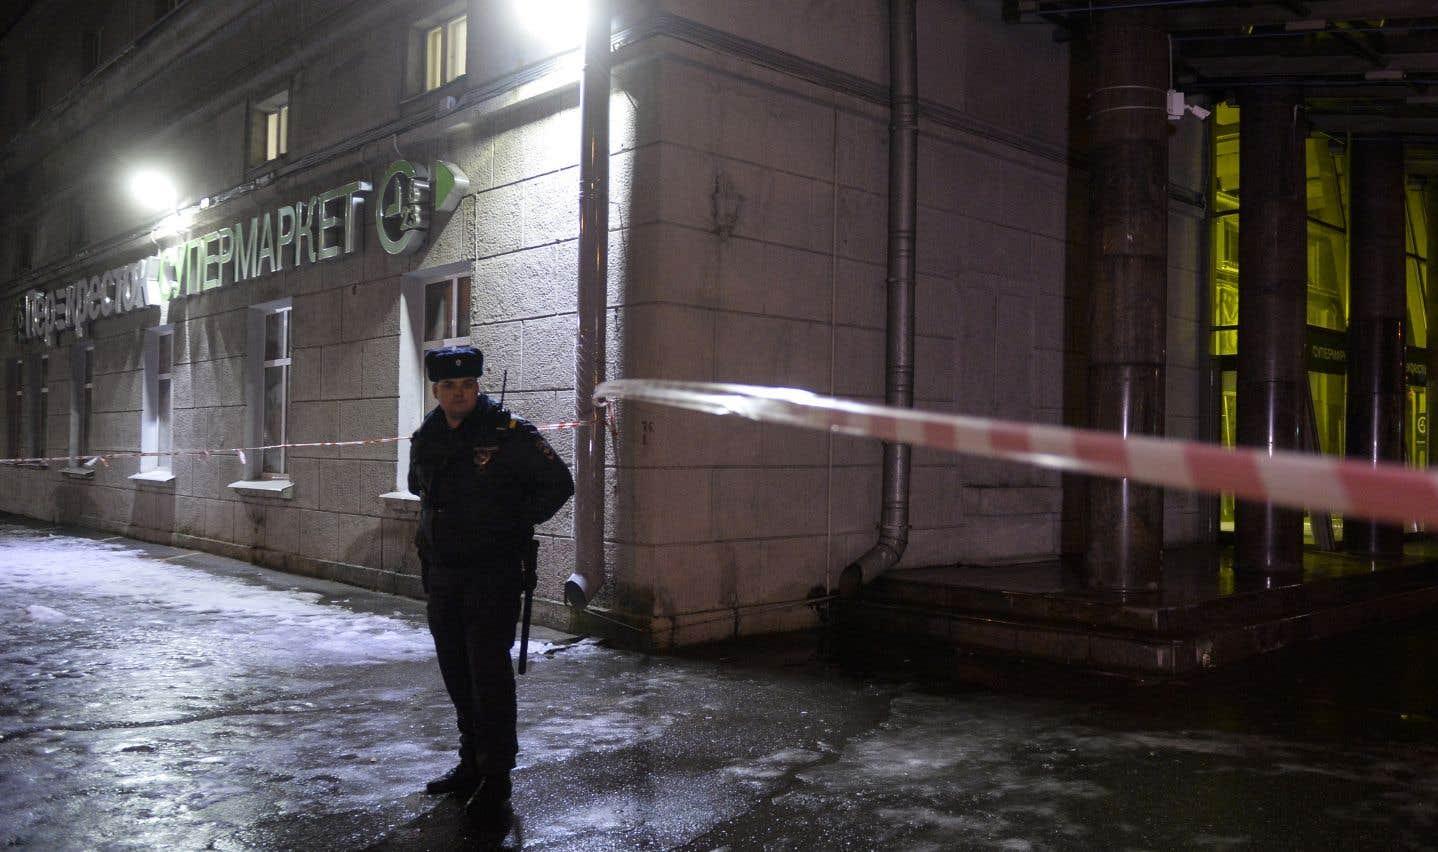 Dix-huit personnes ont été blessées dans l'explosion mercredi soir d'une bombe artisanale d'une puissance équivalent à 200 grammes de TNT.